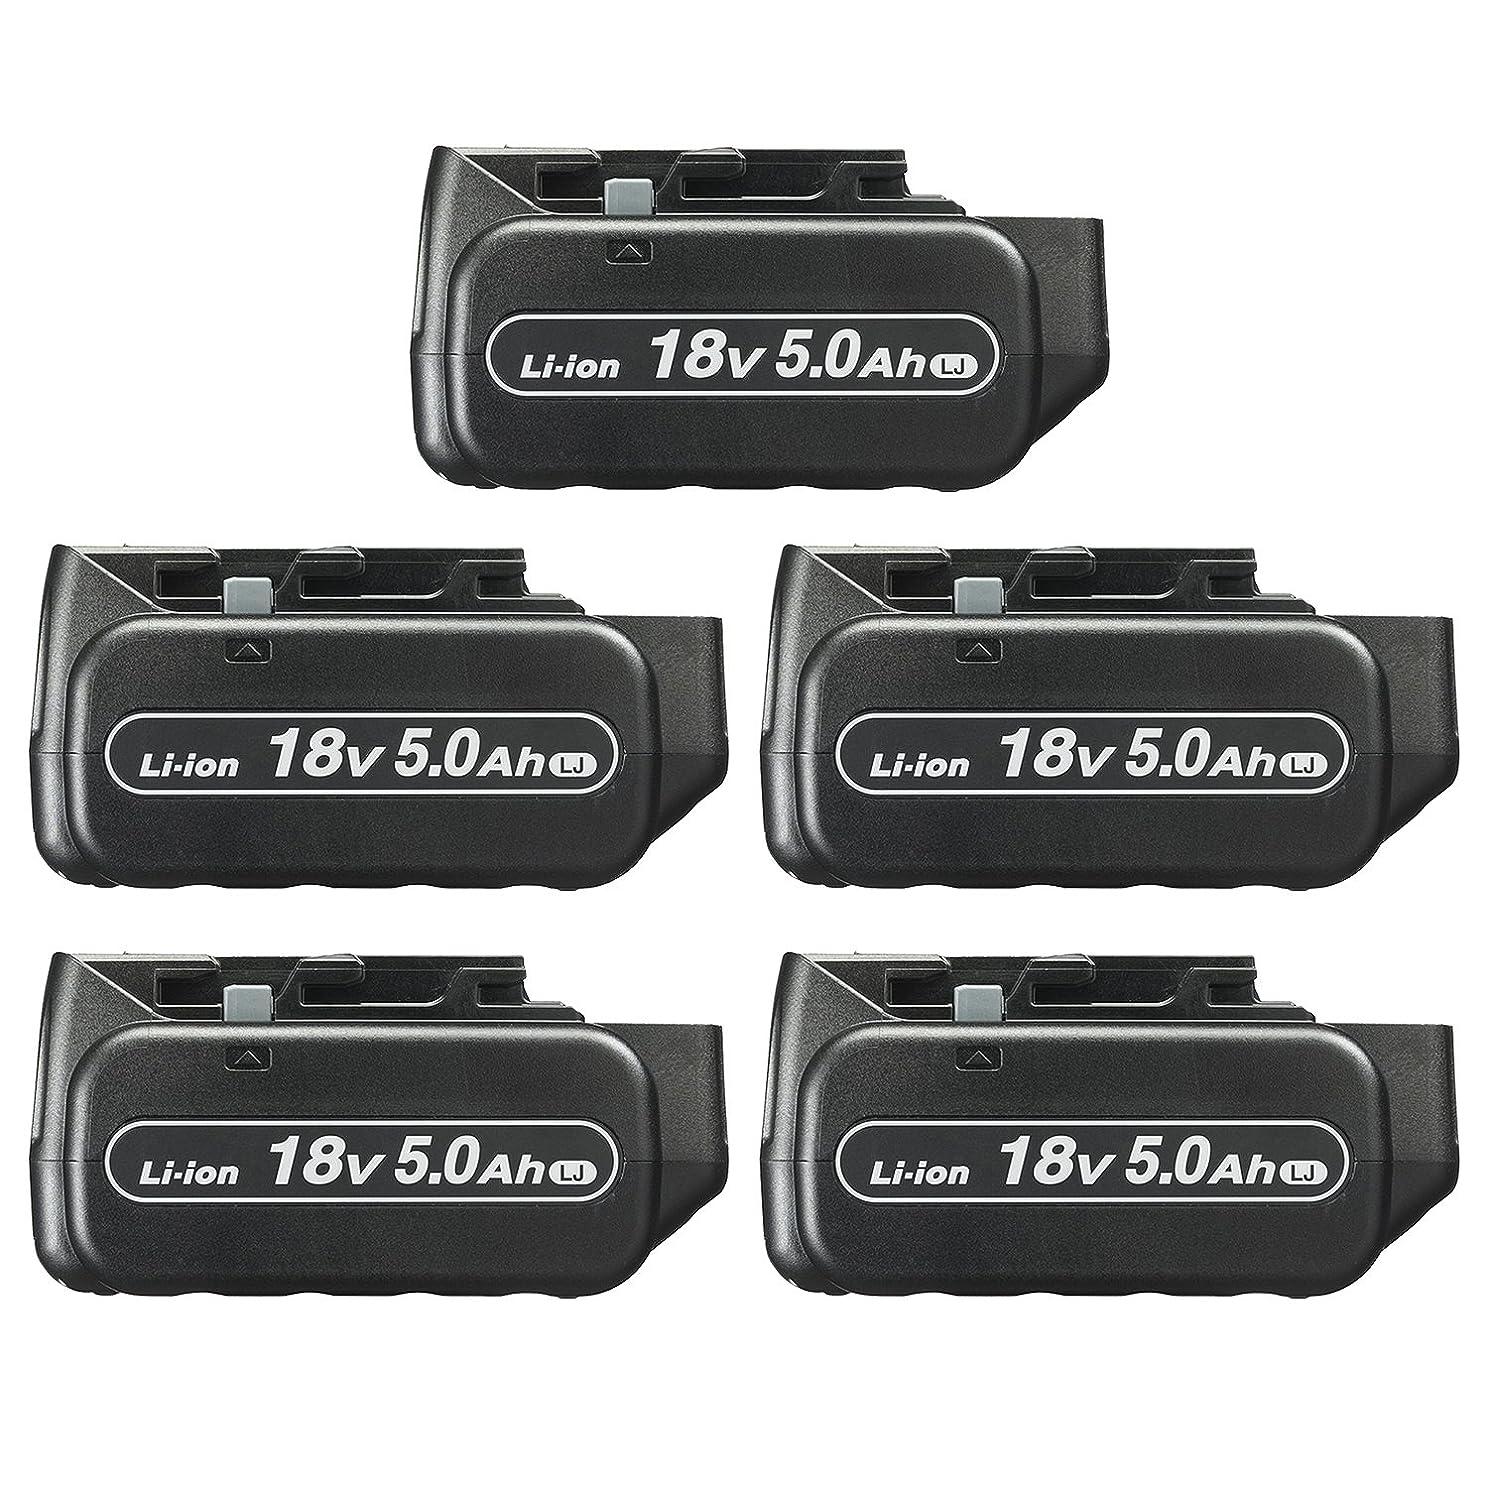 愚かパートナー段落パナソニック 電池パック 18V5.0Ah 5台セット (14.4V/18V/21.6V/28.8V対応) (充電器付き) EZ9L54